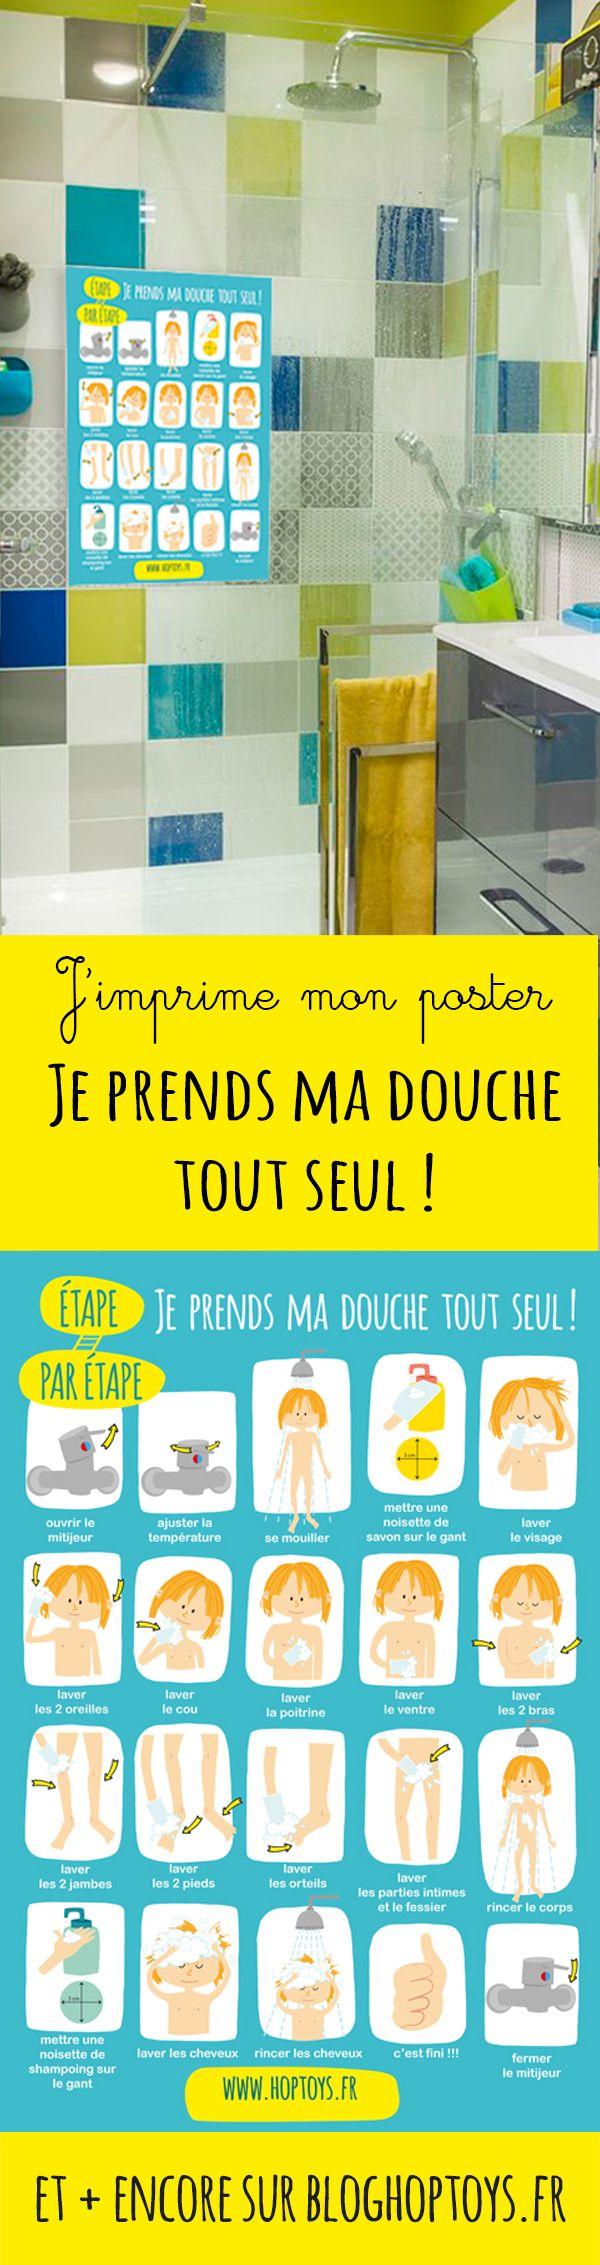 J'imprime mon poster : Je prends ma douche tout seul